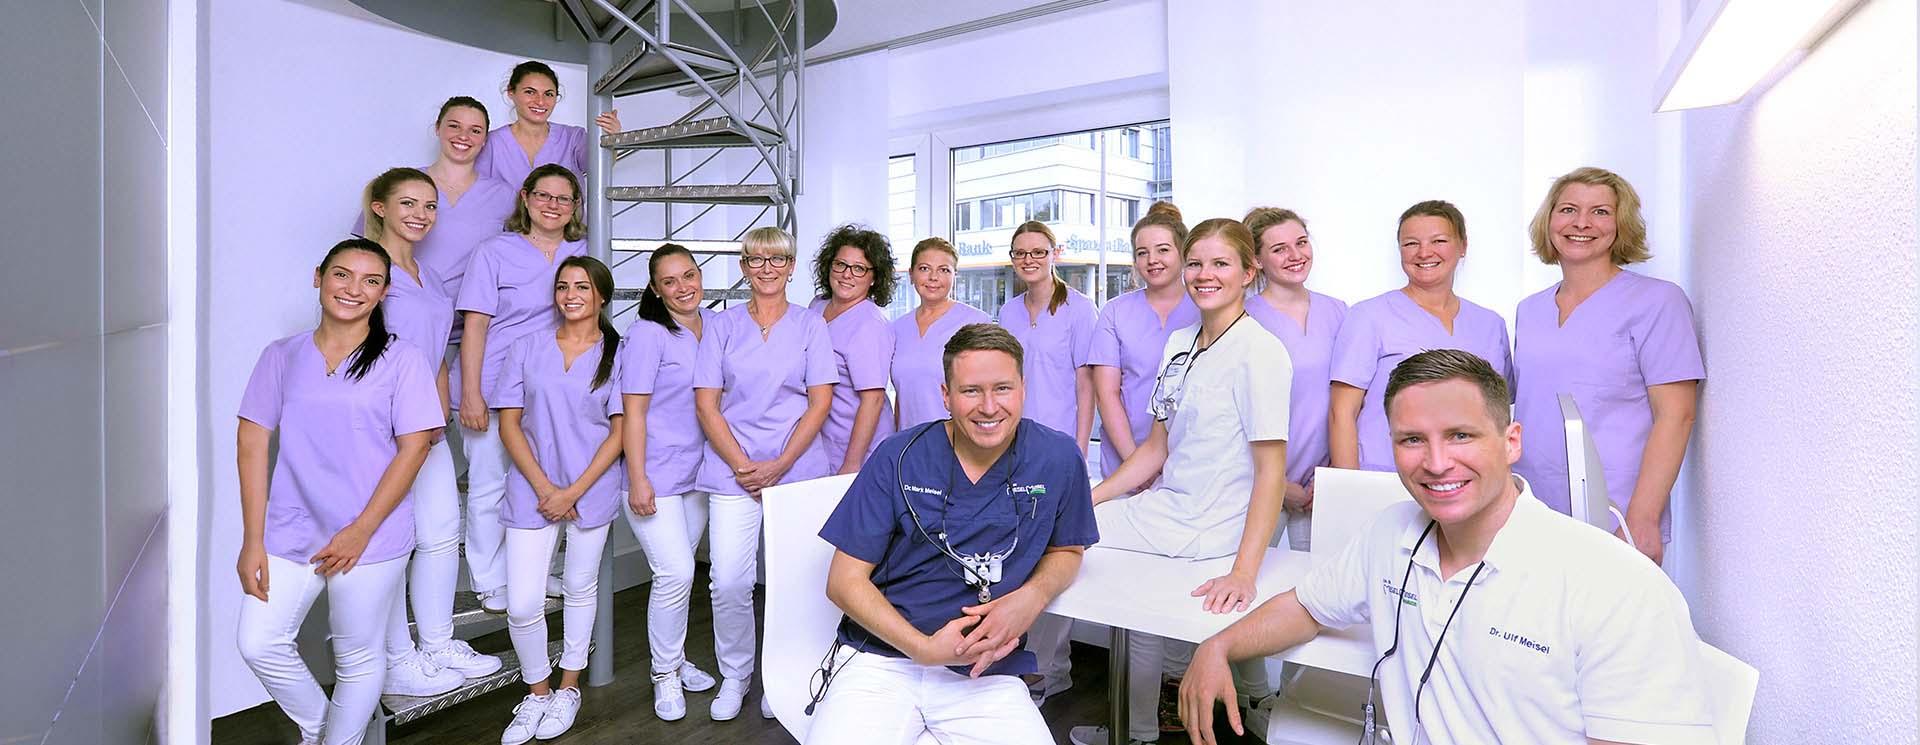 Dres. Meisel und Team - Zahnarzt Nürnberg